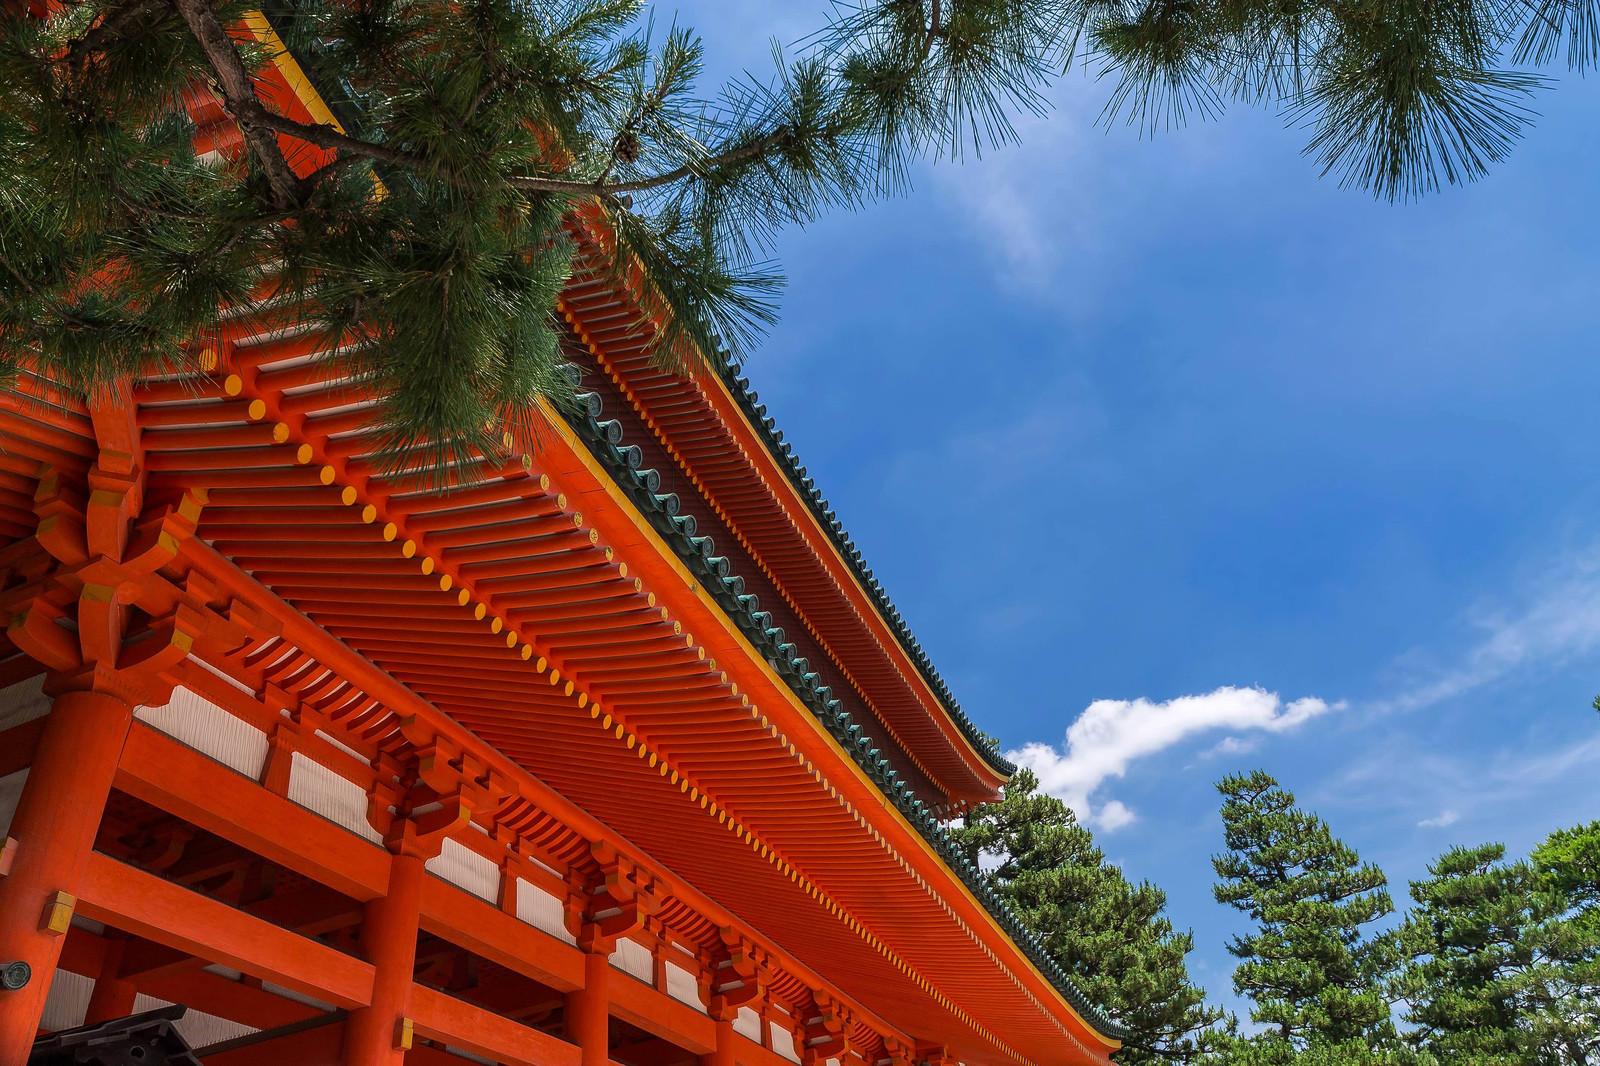 お寺か神社か?!ジブリにでてきそうな社寺建築。大日孁神社 大日堂 佐渡ヶ島